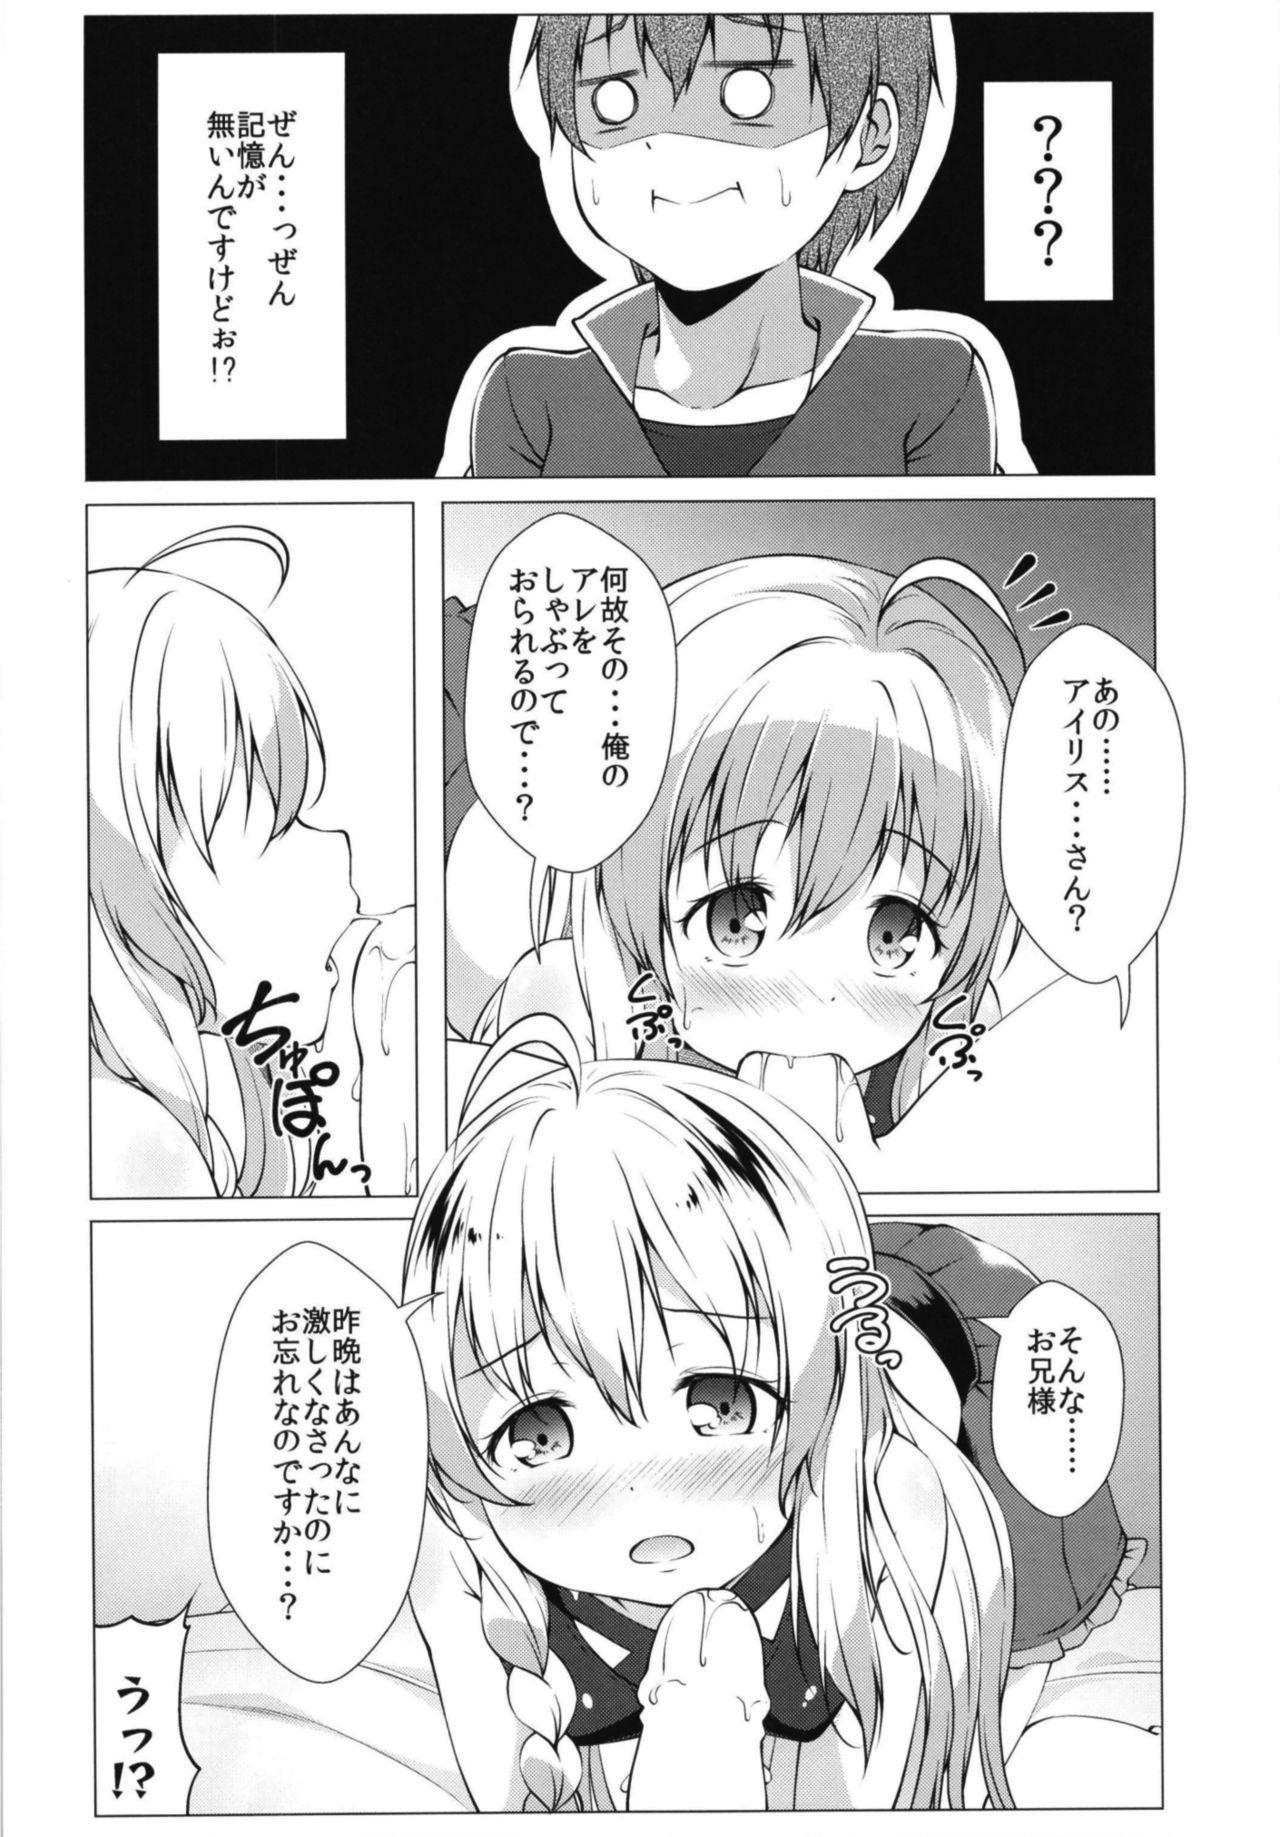 [Idobata Kaigisho (Fried)] Kono Subarashii Oujo-sama wa Onii-sama ga Daisuki!! (Kono Subarashii Sekai ni Syukufuku o!) [Digital] 6